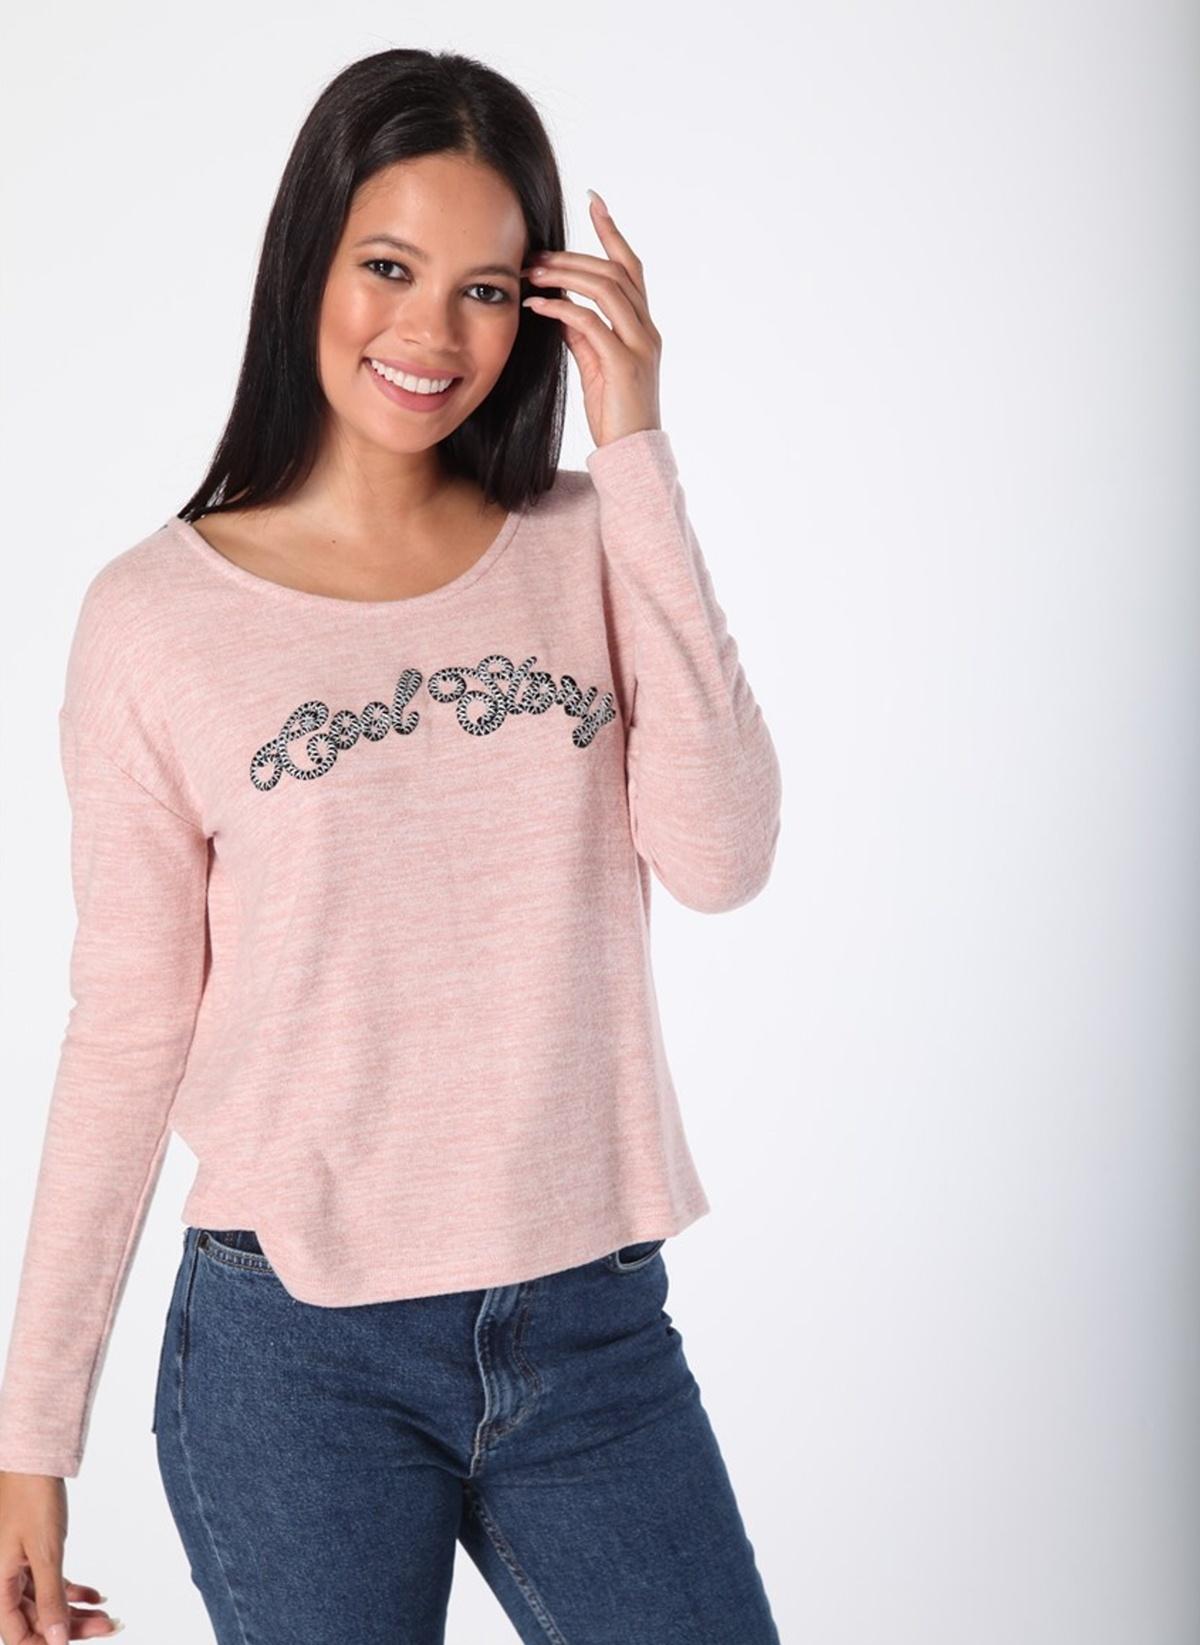 Fashion Friends Sweatshirt 0415 Sweat Fashion Friends Sweatsh – 55.99 TL